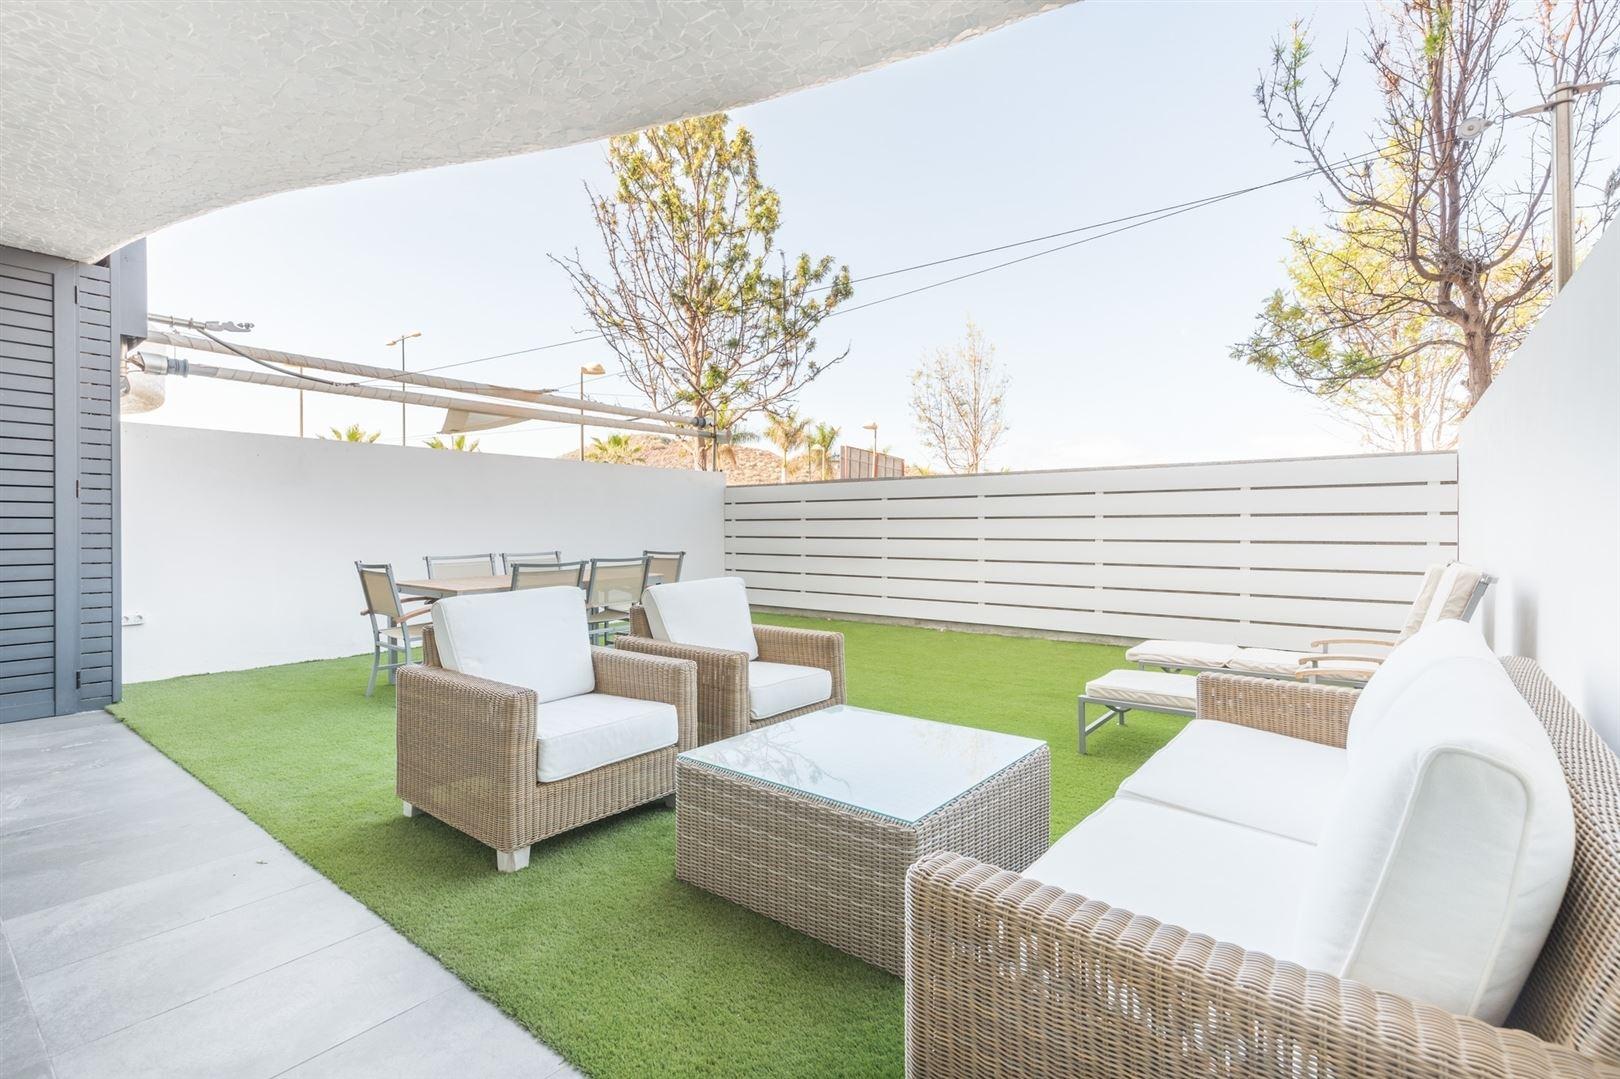 Foto 4 : Appartement te 38632 PALM MAR (Spanje) - Prijs € 325.000